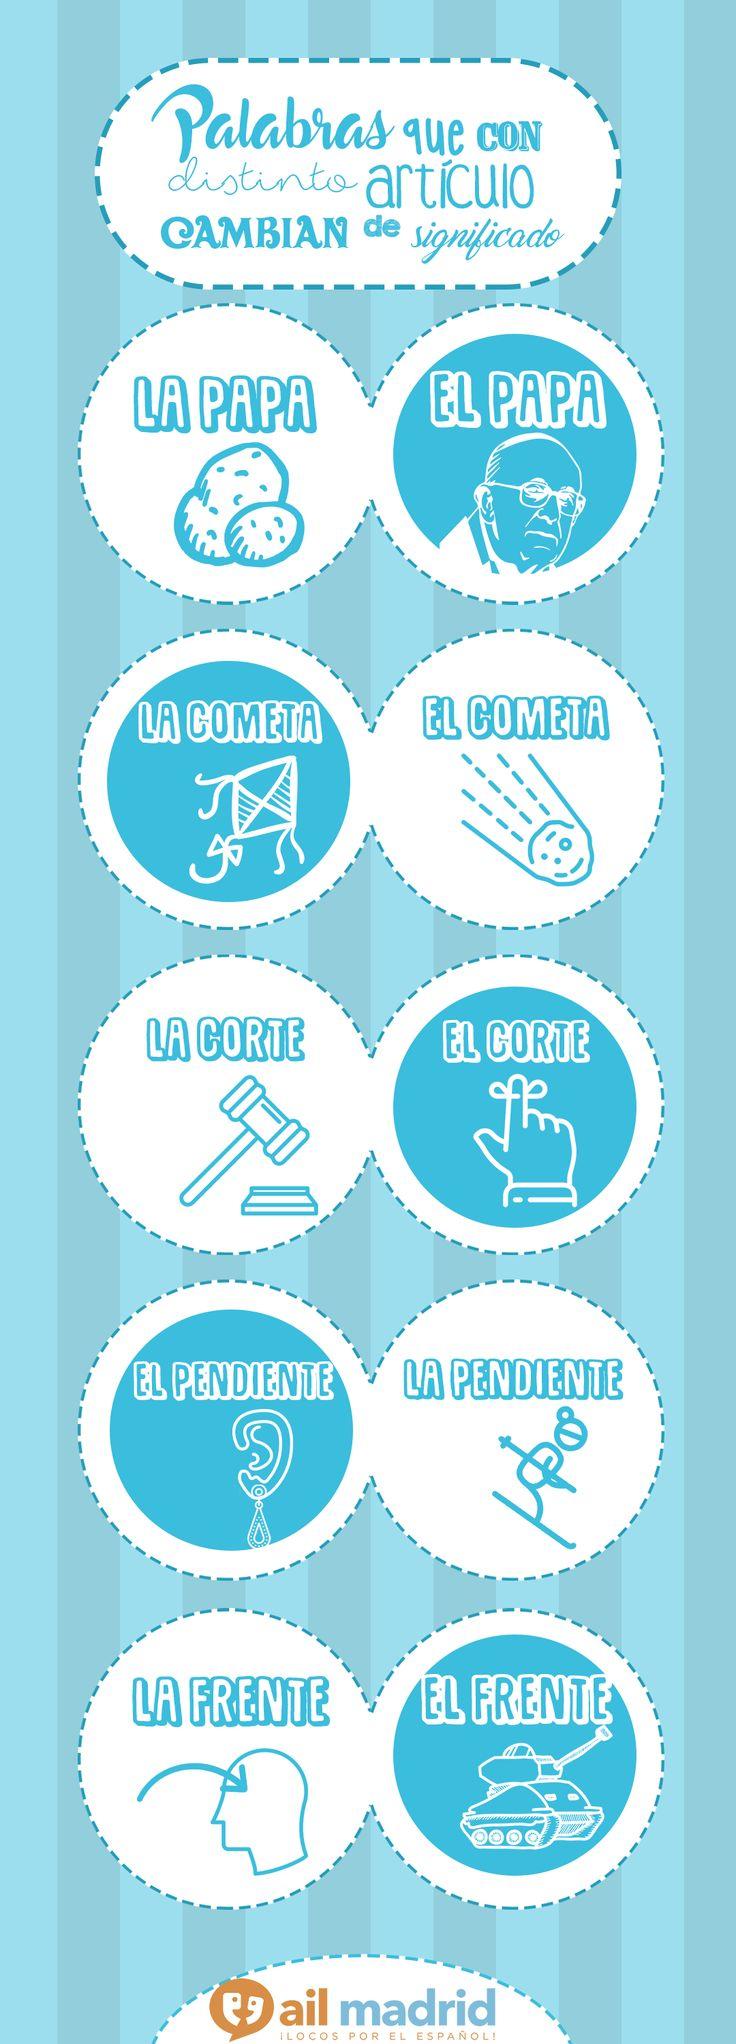 ¿No es curioso cómo el #significado de estas #palabras puede cambiar totalmente dependiendo de su #artículo? // Isn't it #interesting how the #meaning of these words can change depending on their #articles? #AIL #education #Spanish #vocabulary